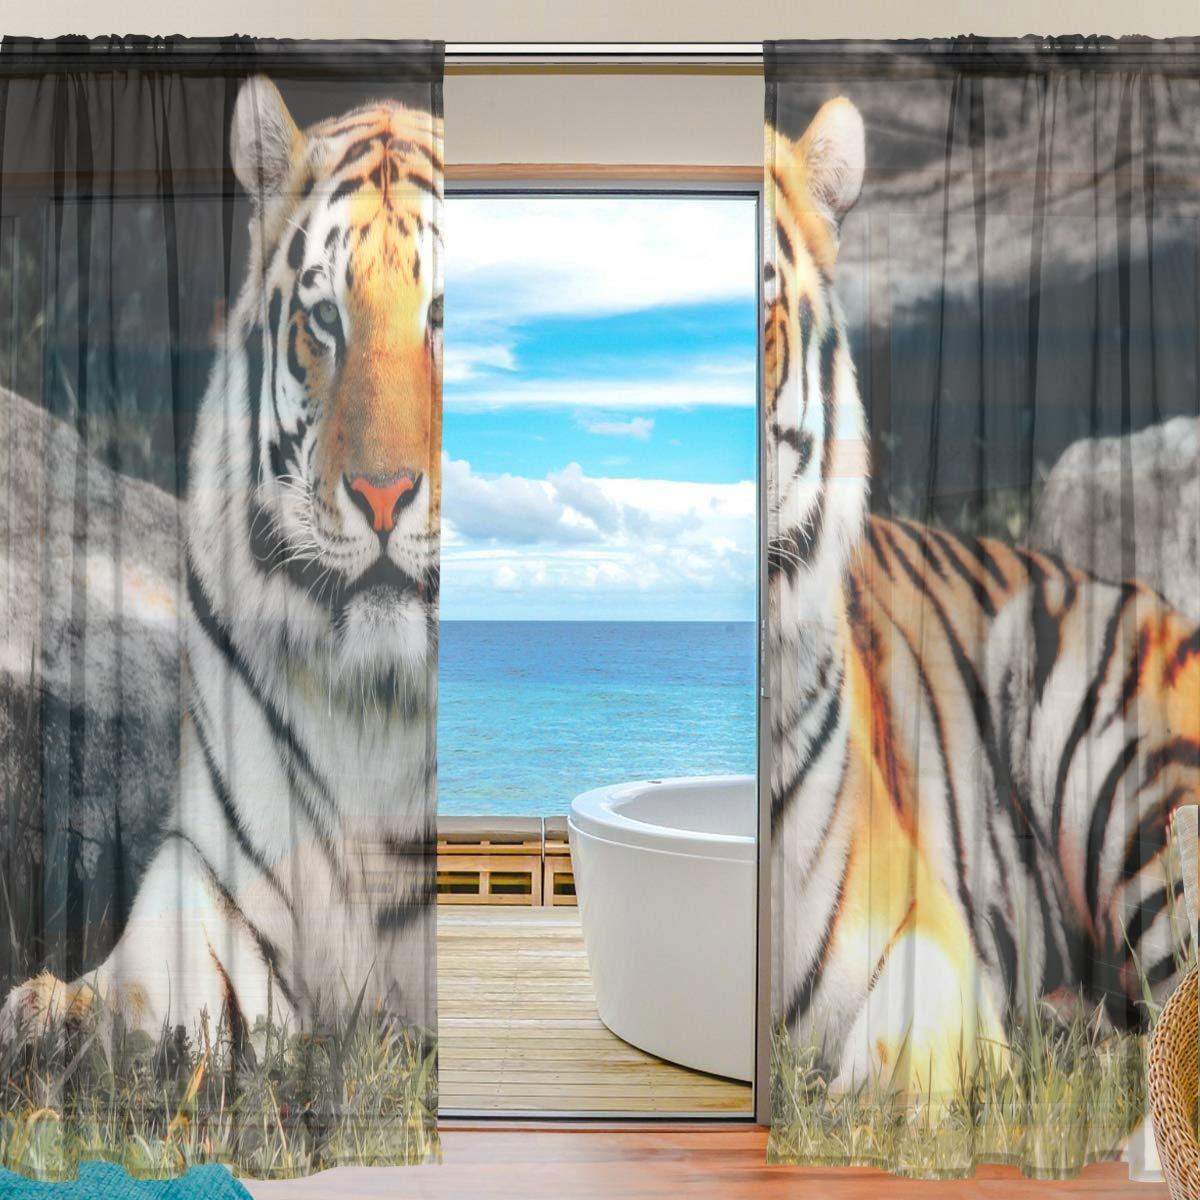 DOSHINE Vorhang Tier-Amur Tiger Vorhänge Fenster Vorhang für Jungen Mädchen Wohnzimmer Badezimmer Schlafzimmer 139,7 x 198 cm 2 Panels, Polyester, Multi, 55